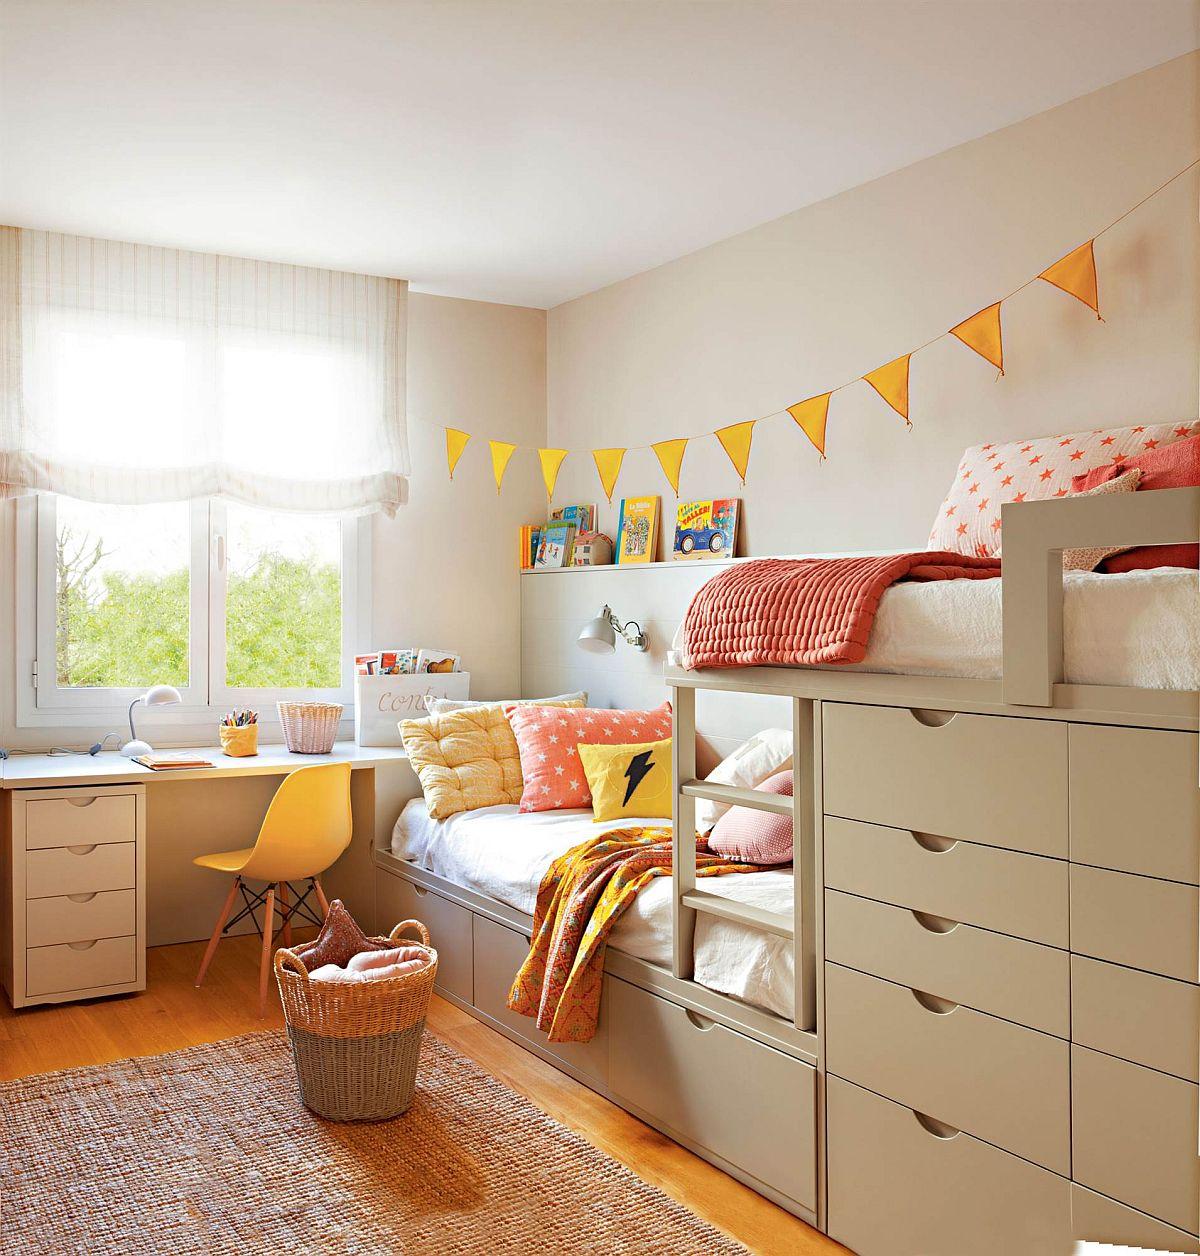 Într-o cameră unde înălțimea este normală, de circa 2,50-2,50 metri se pot face pe comandă paturi parțial etajate (doar unul dintre ele etajat).